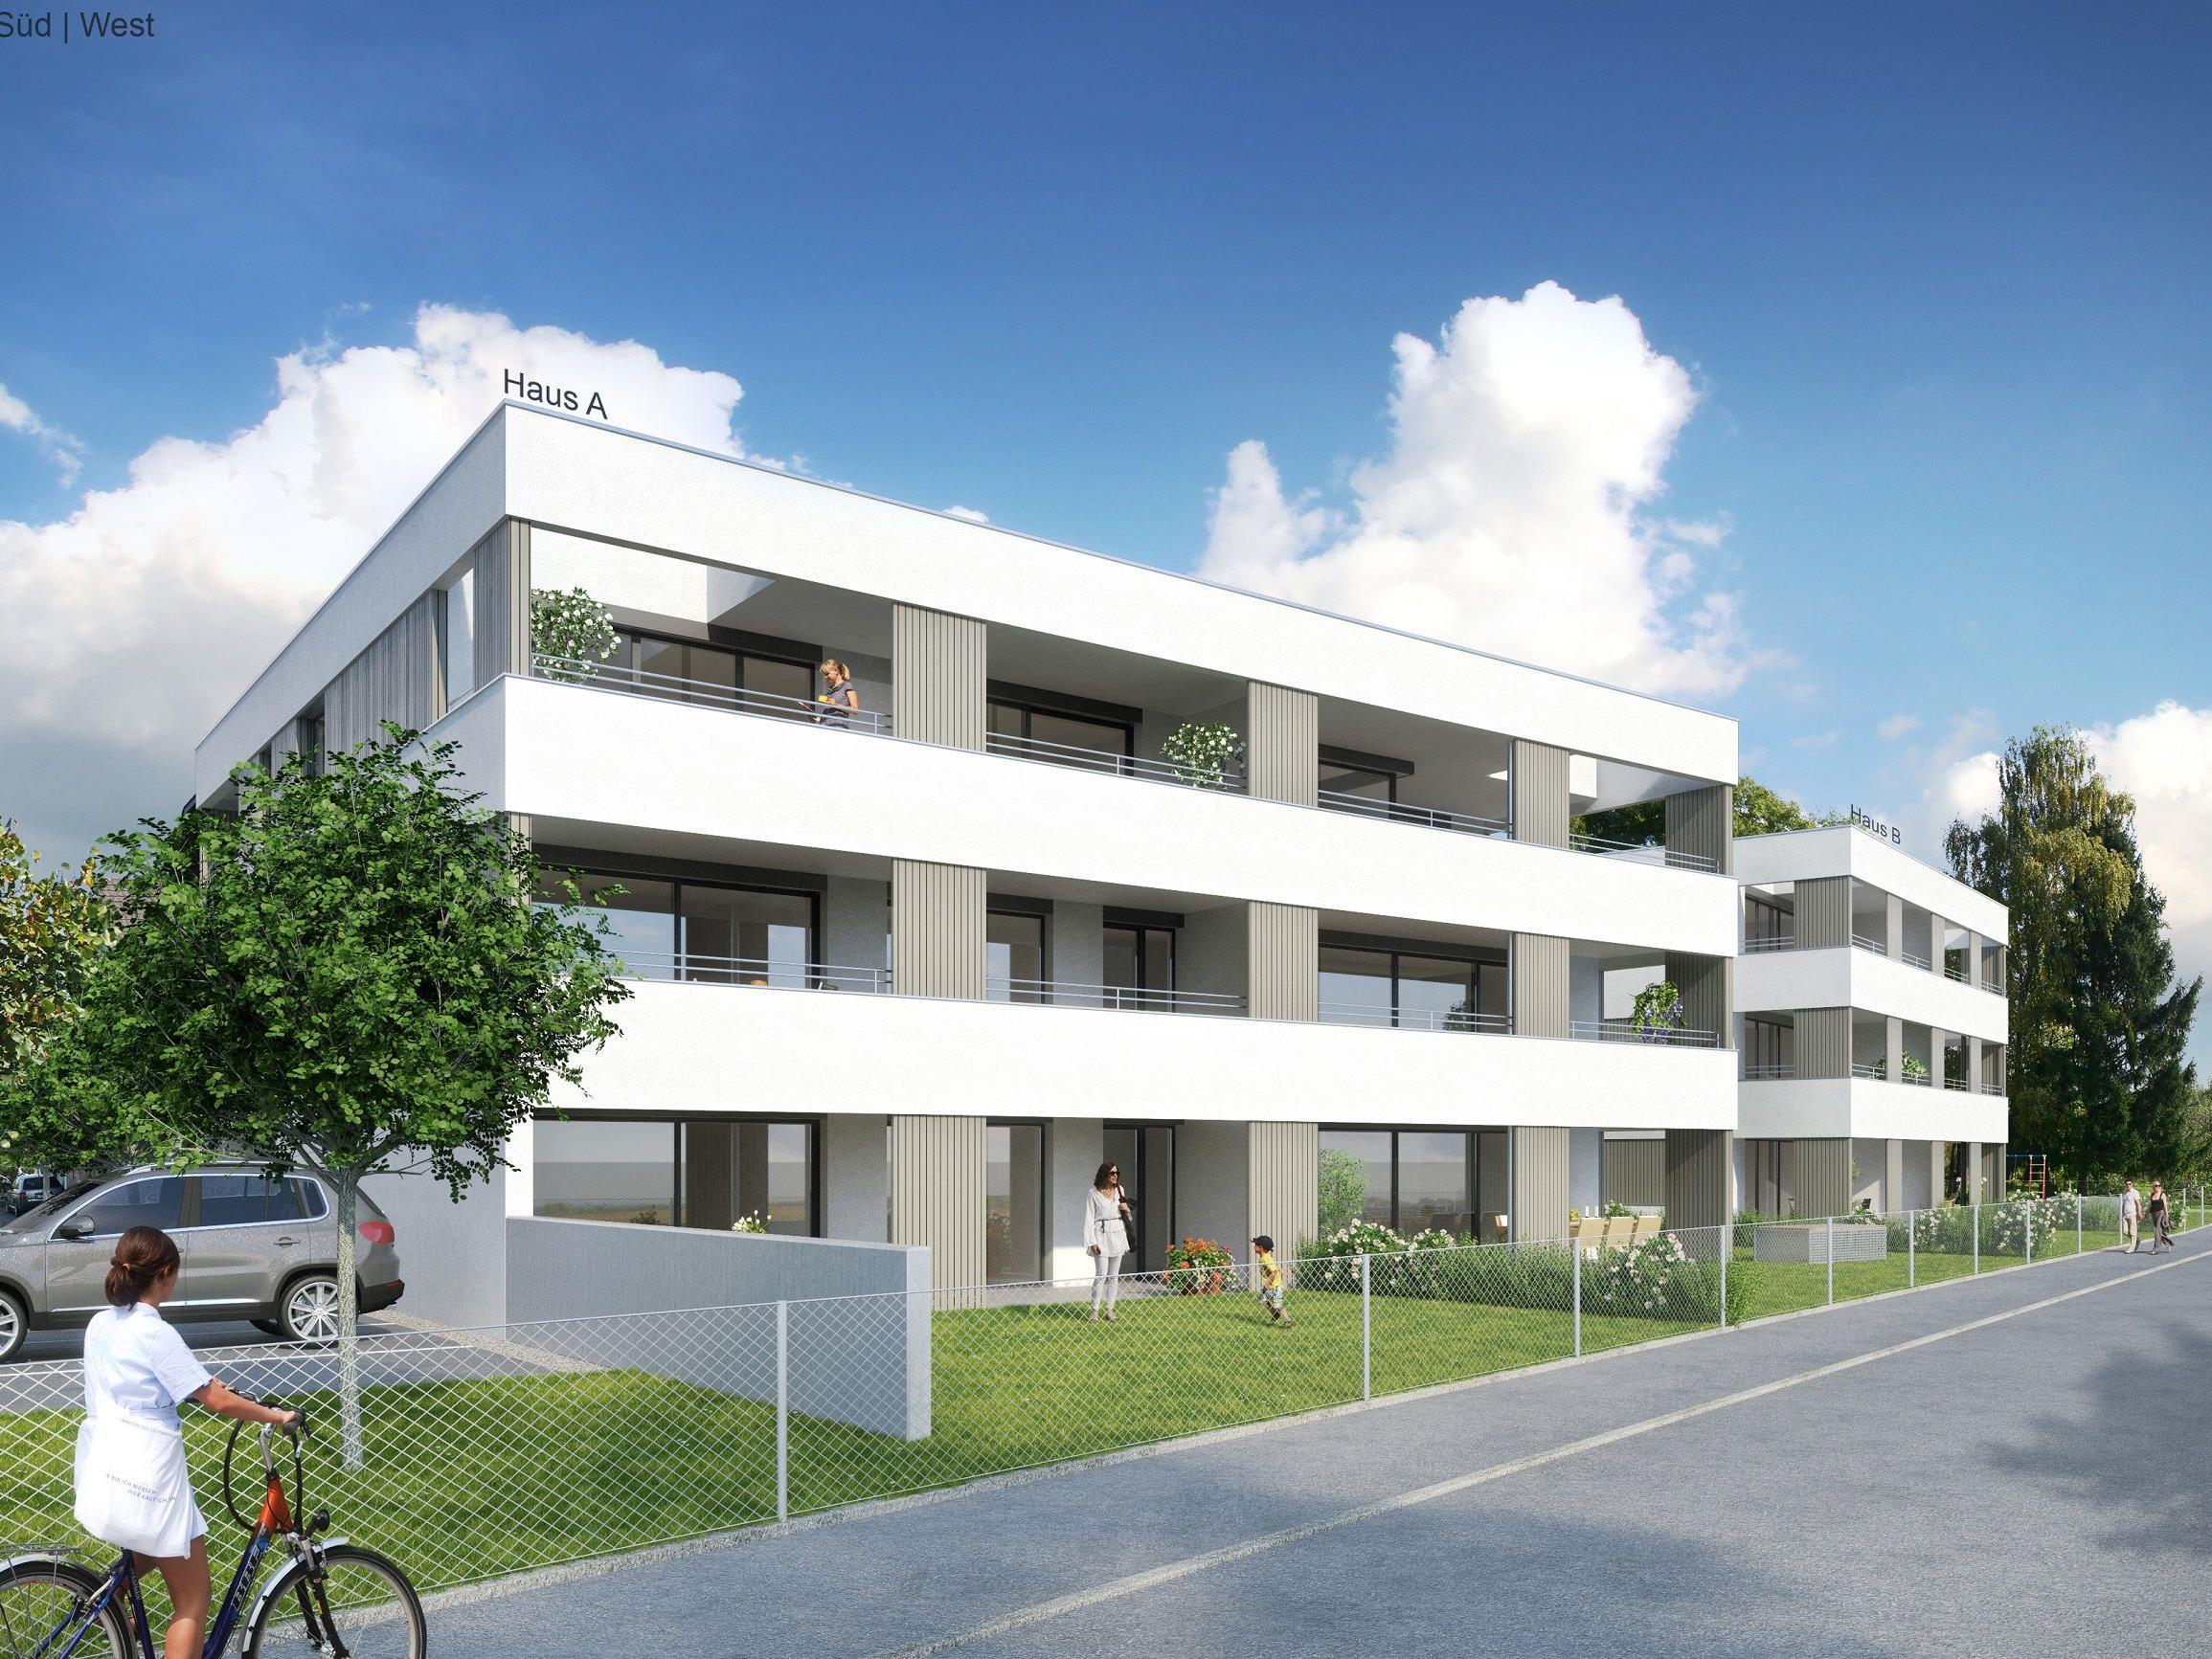 Im Frühjahr 2018 soll die Wohnanlage fertiggestellt sein. (Grafik: Haberl-Bau)